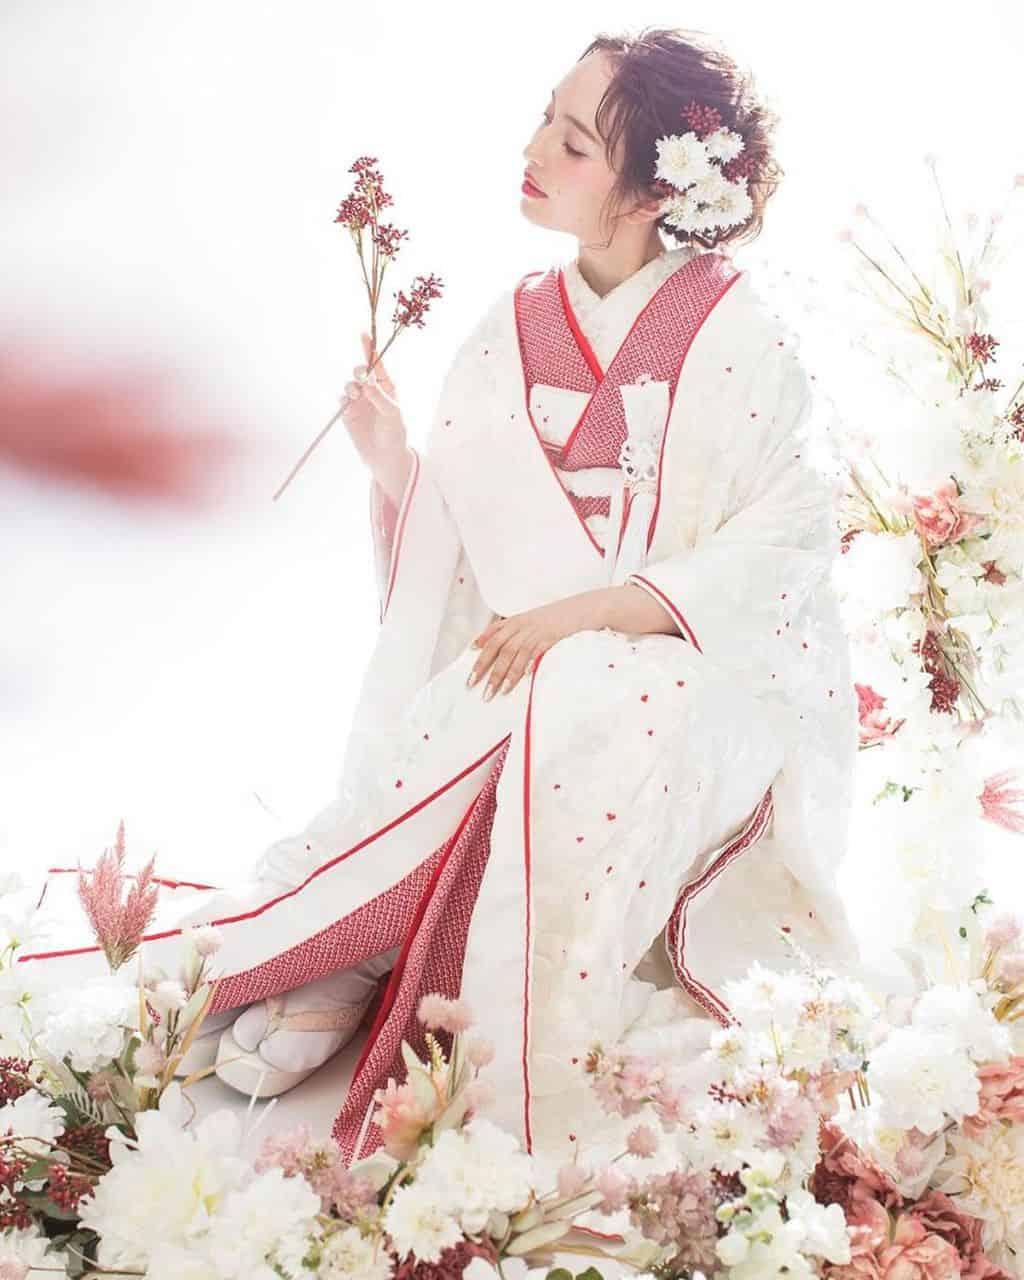 純白の白無垢をより素敵に♡参考にしたい和モダンな白無垢コーディネートのカバー写真 1.25